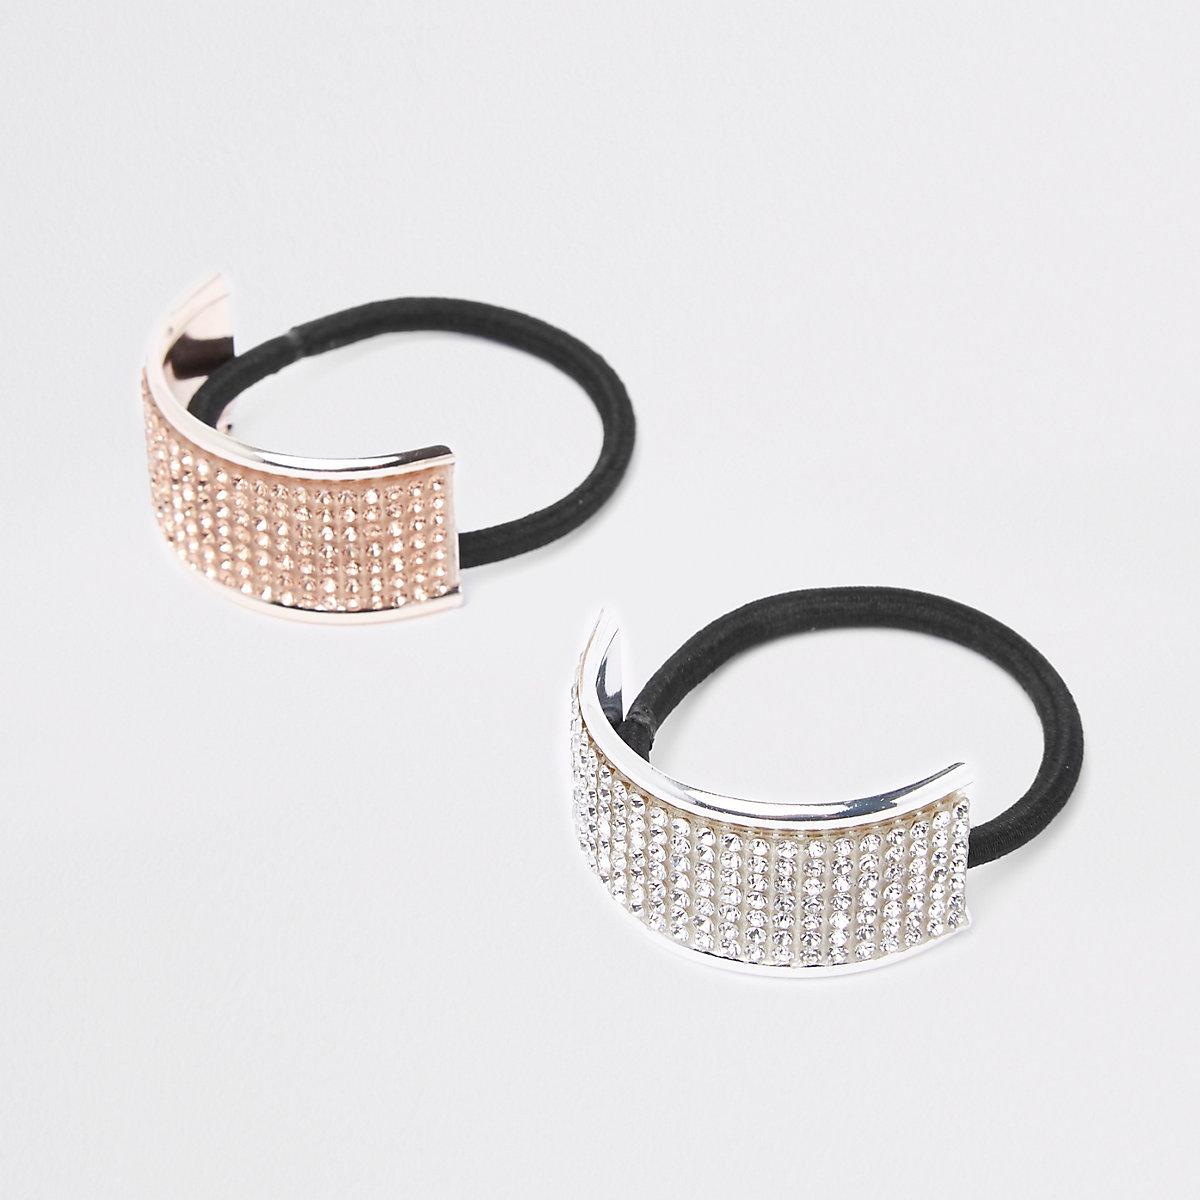 Black diamante cuff hair tie pack